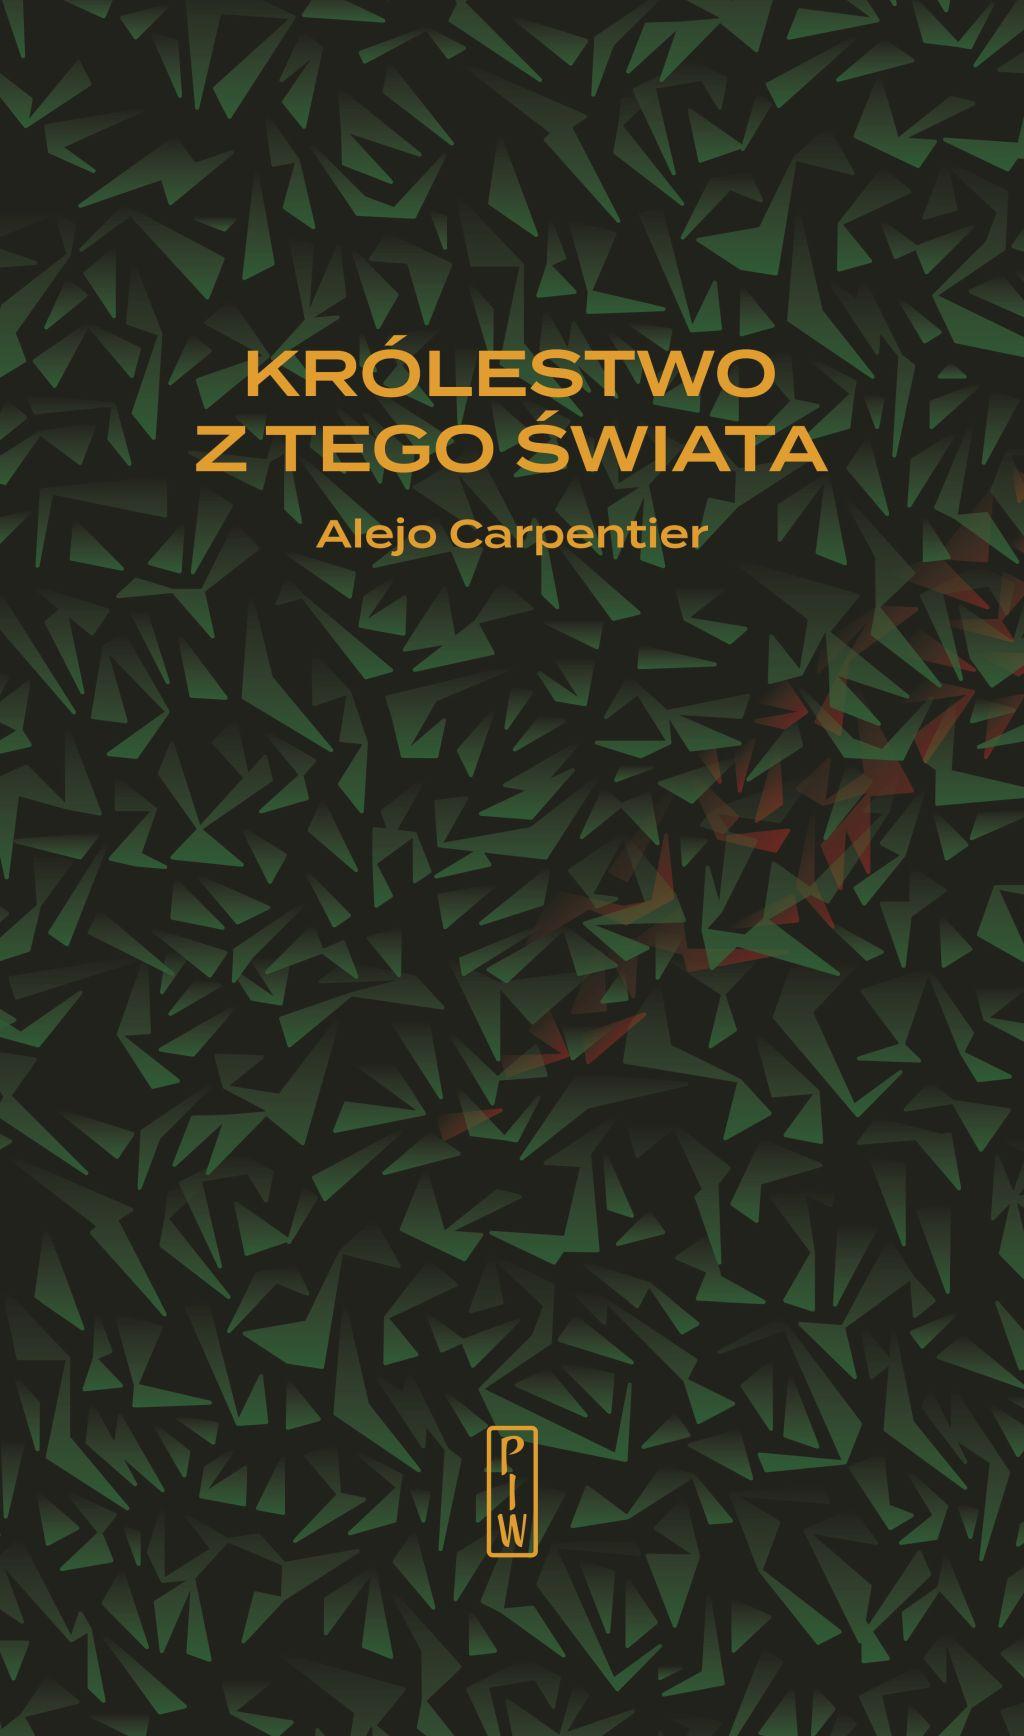 """Alejo Carpentier, """"Królestwo z tego świata"""" (źródło: materiały prasowe wydawnictwa)"""